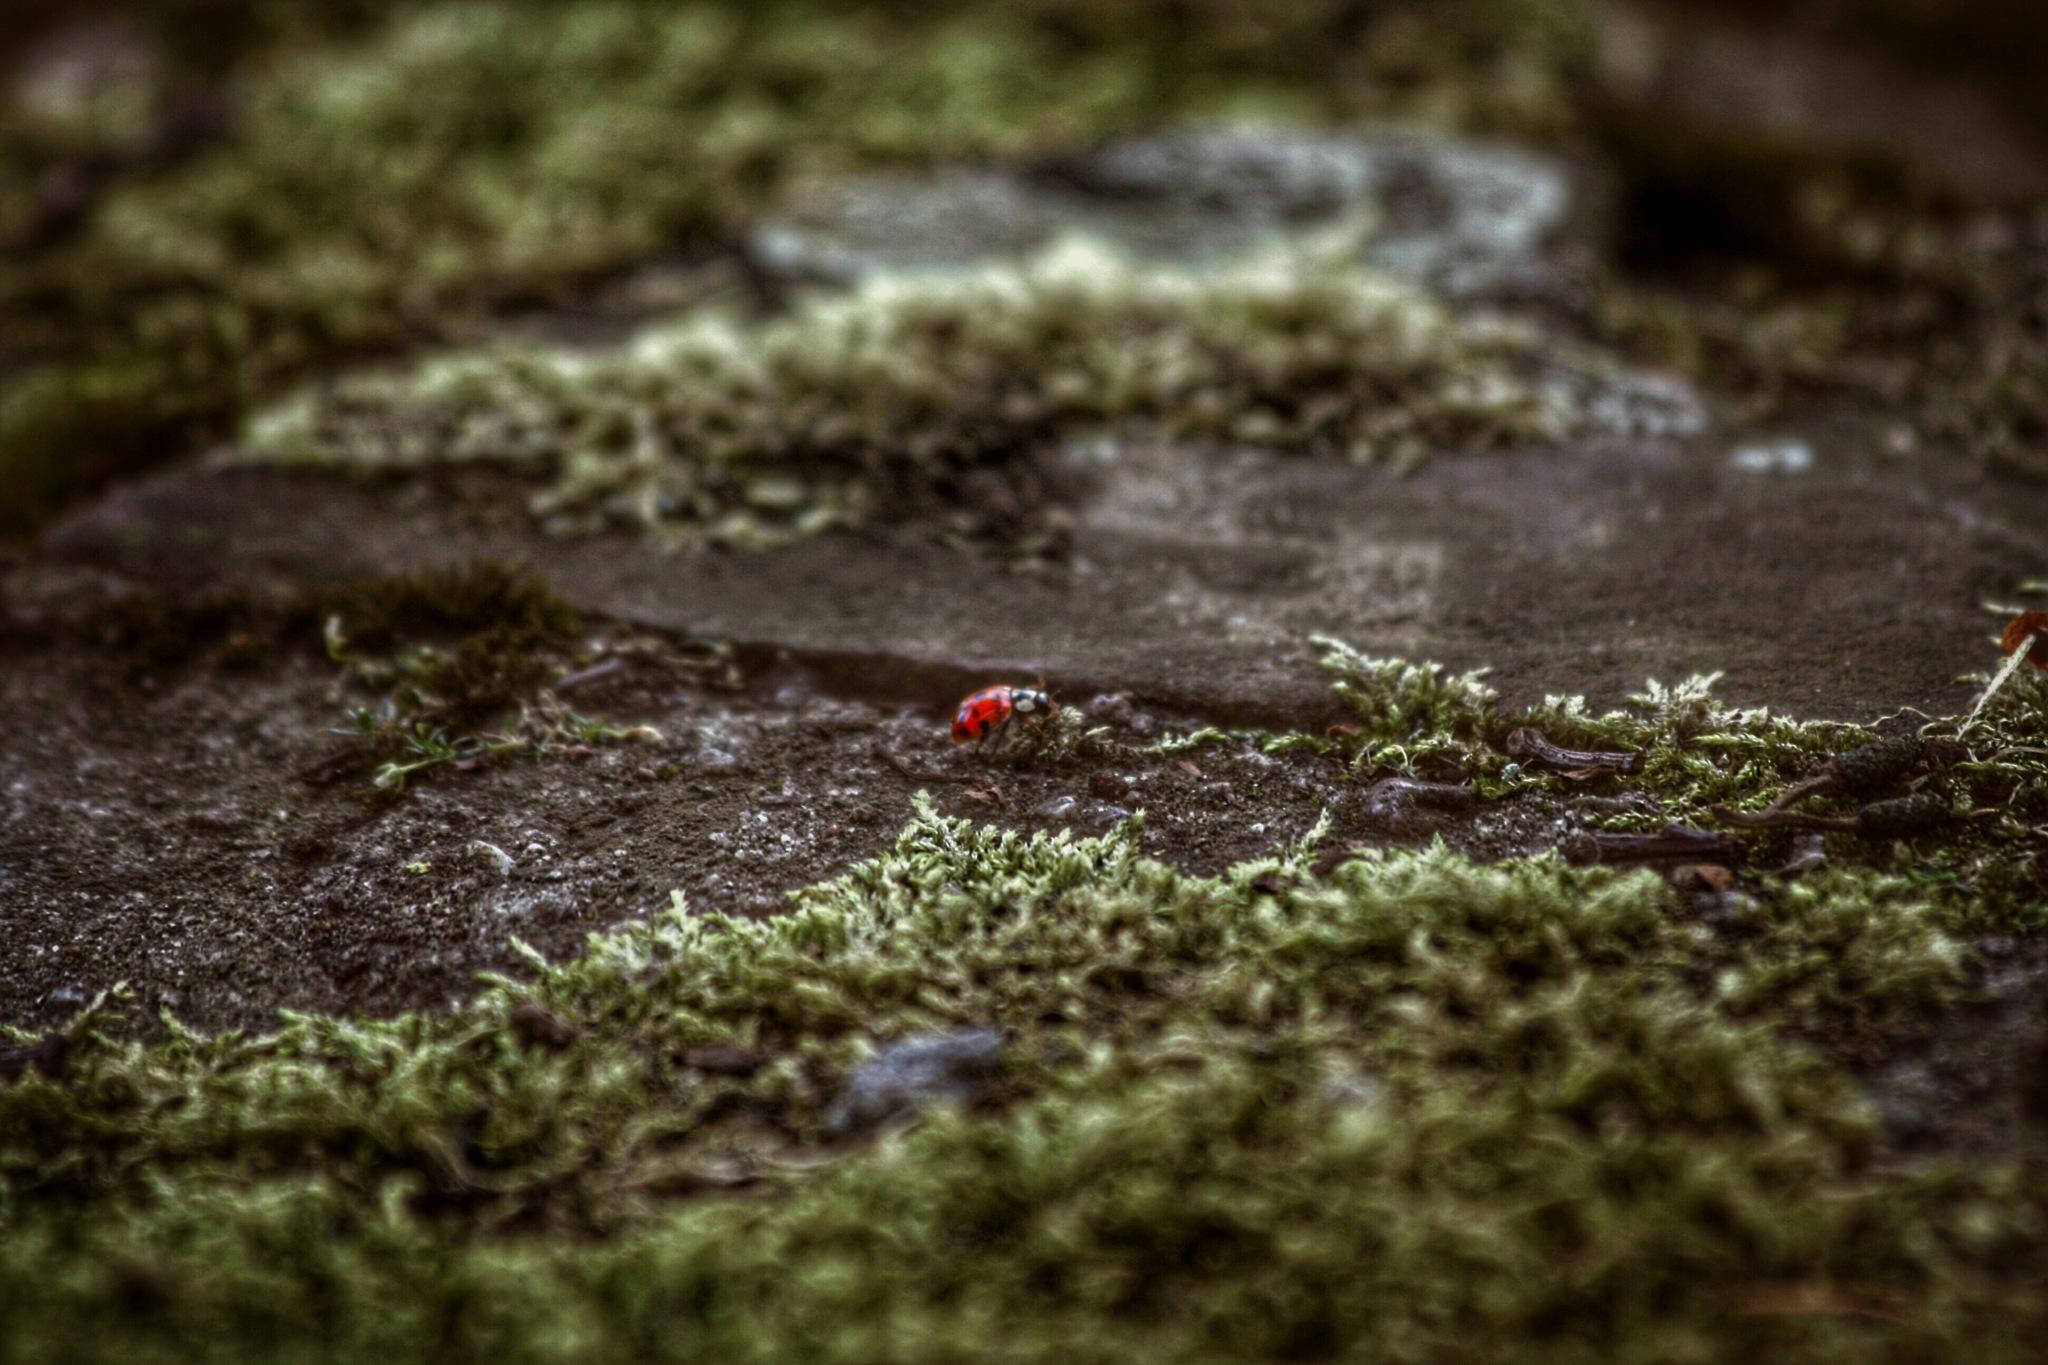 Ladybug by Frederic Basse